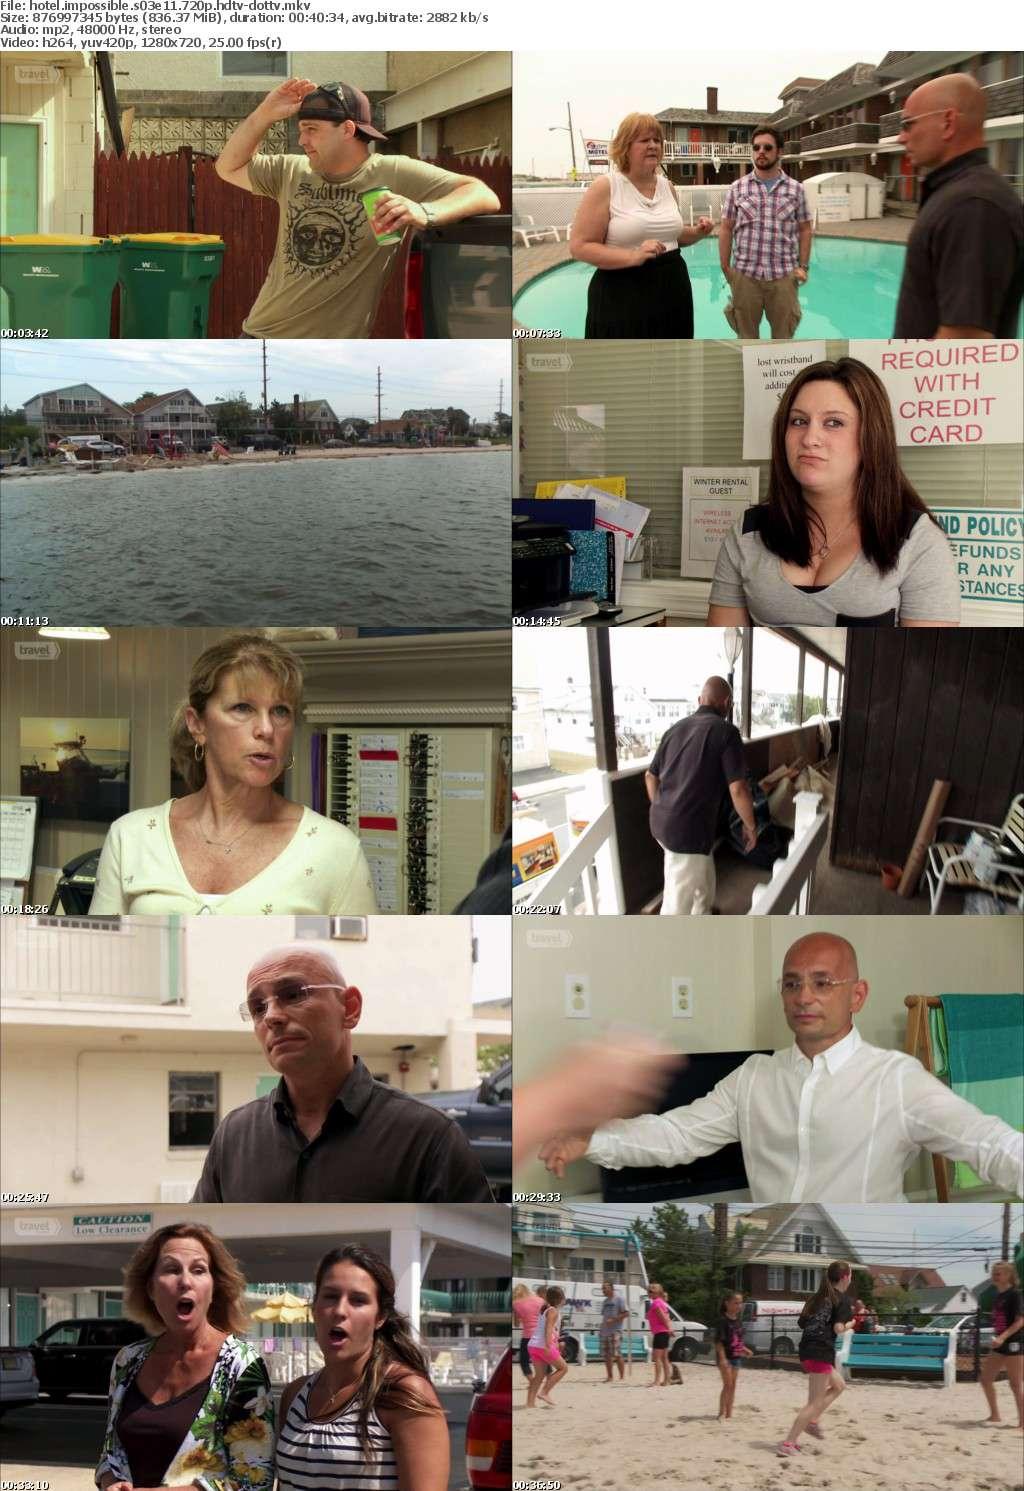 Hotel Impossible S03E11 720p HDTV x264-dotTV